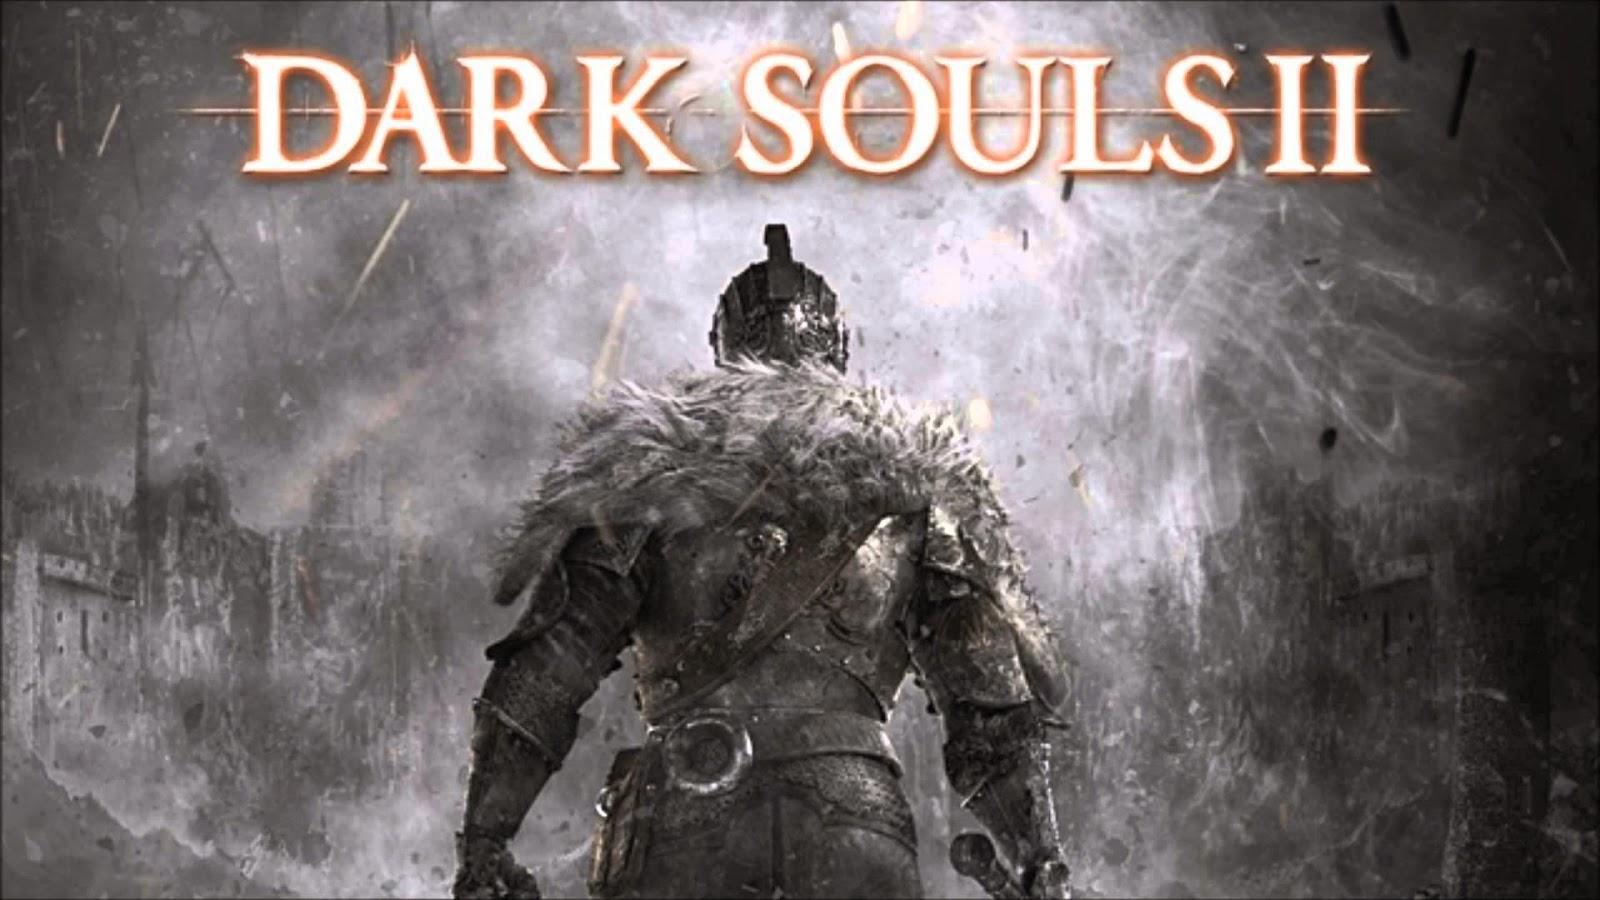 Dark Souls 2 Wallpaper: Dark Souls 2 HD Wallpapers